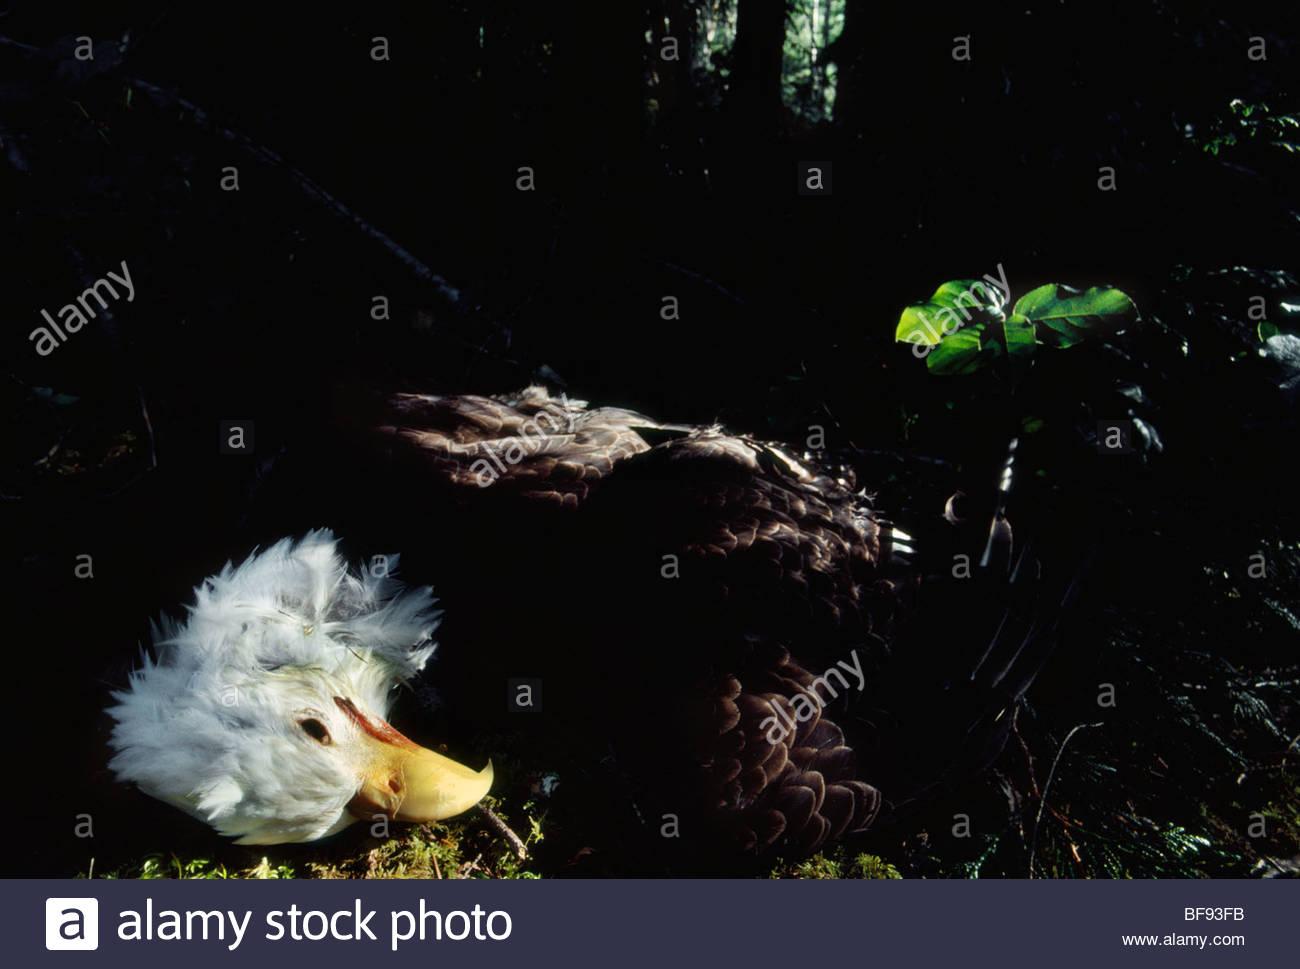 Bald eagle killed by gunshot, Haliaeetus leucocephalus, Desolation Sound, British Columbia, Canada - Stock Image